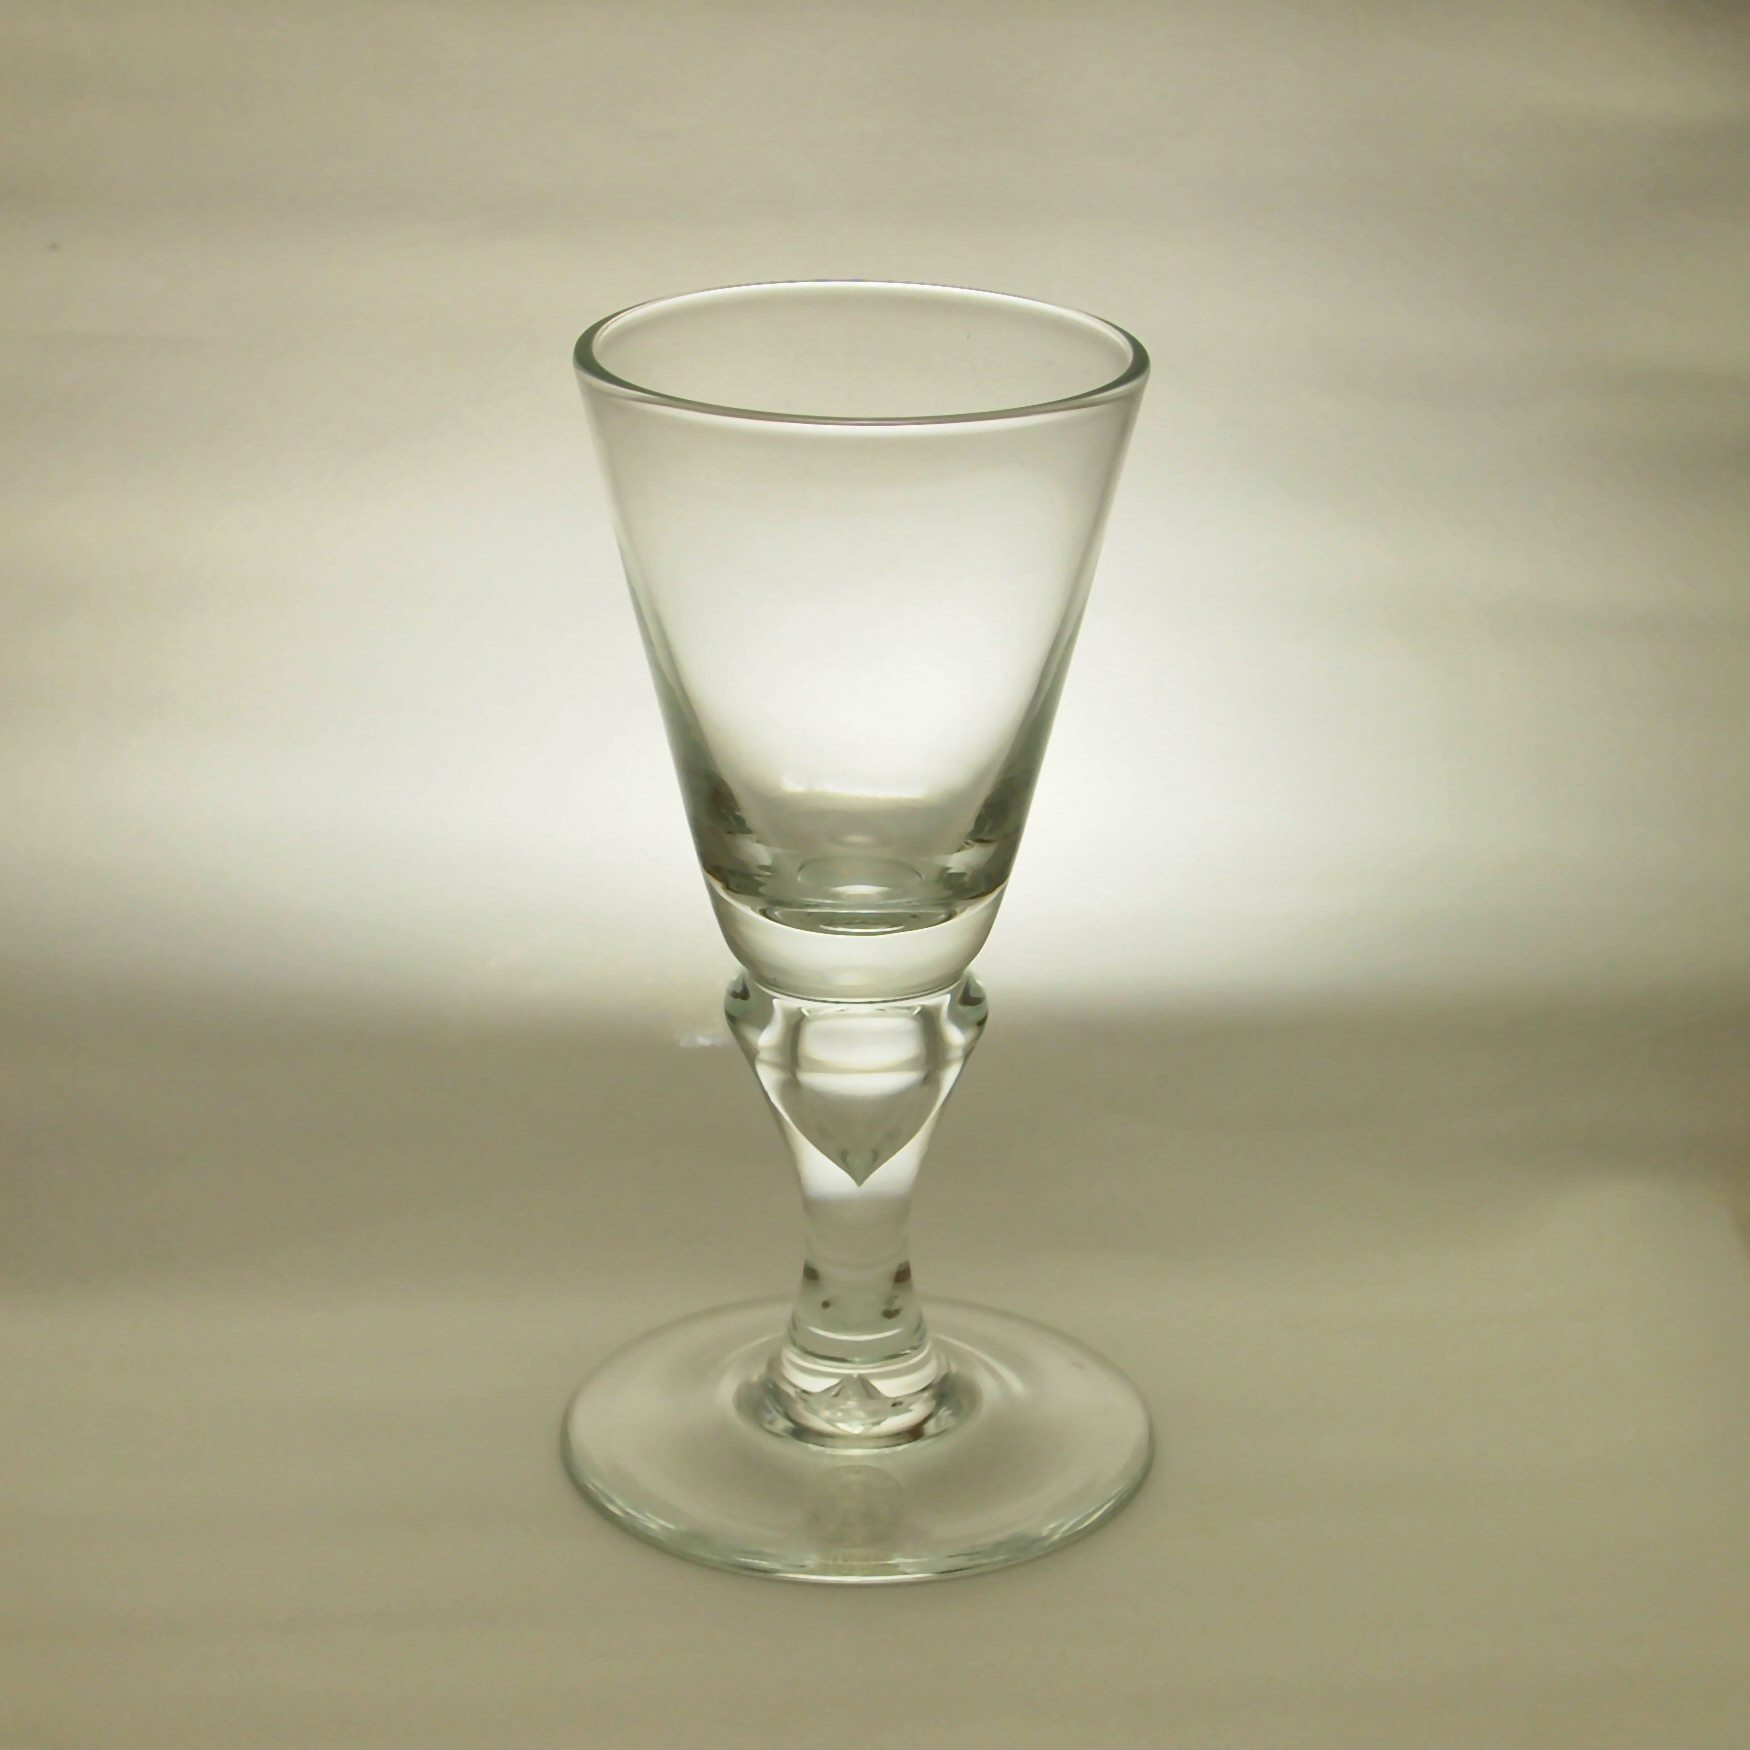 レイミューラ スロテット ワインガラス Reijmyre Slottet Wine Glass